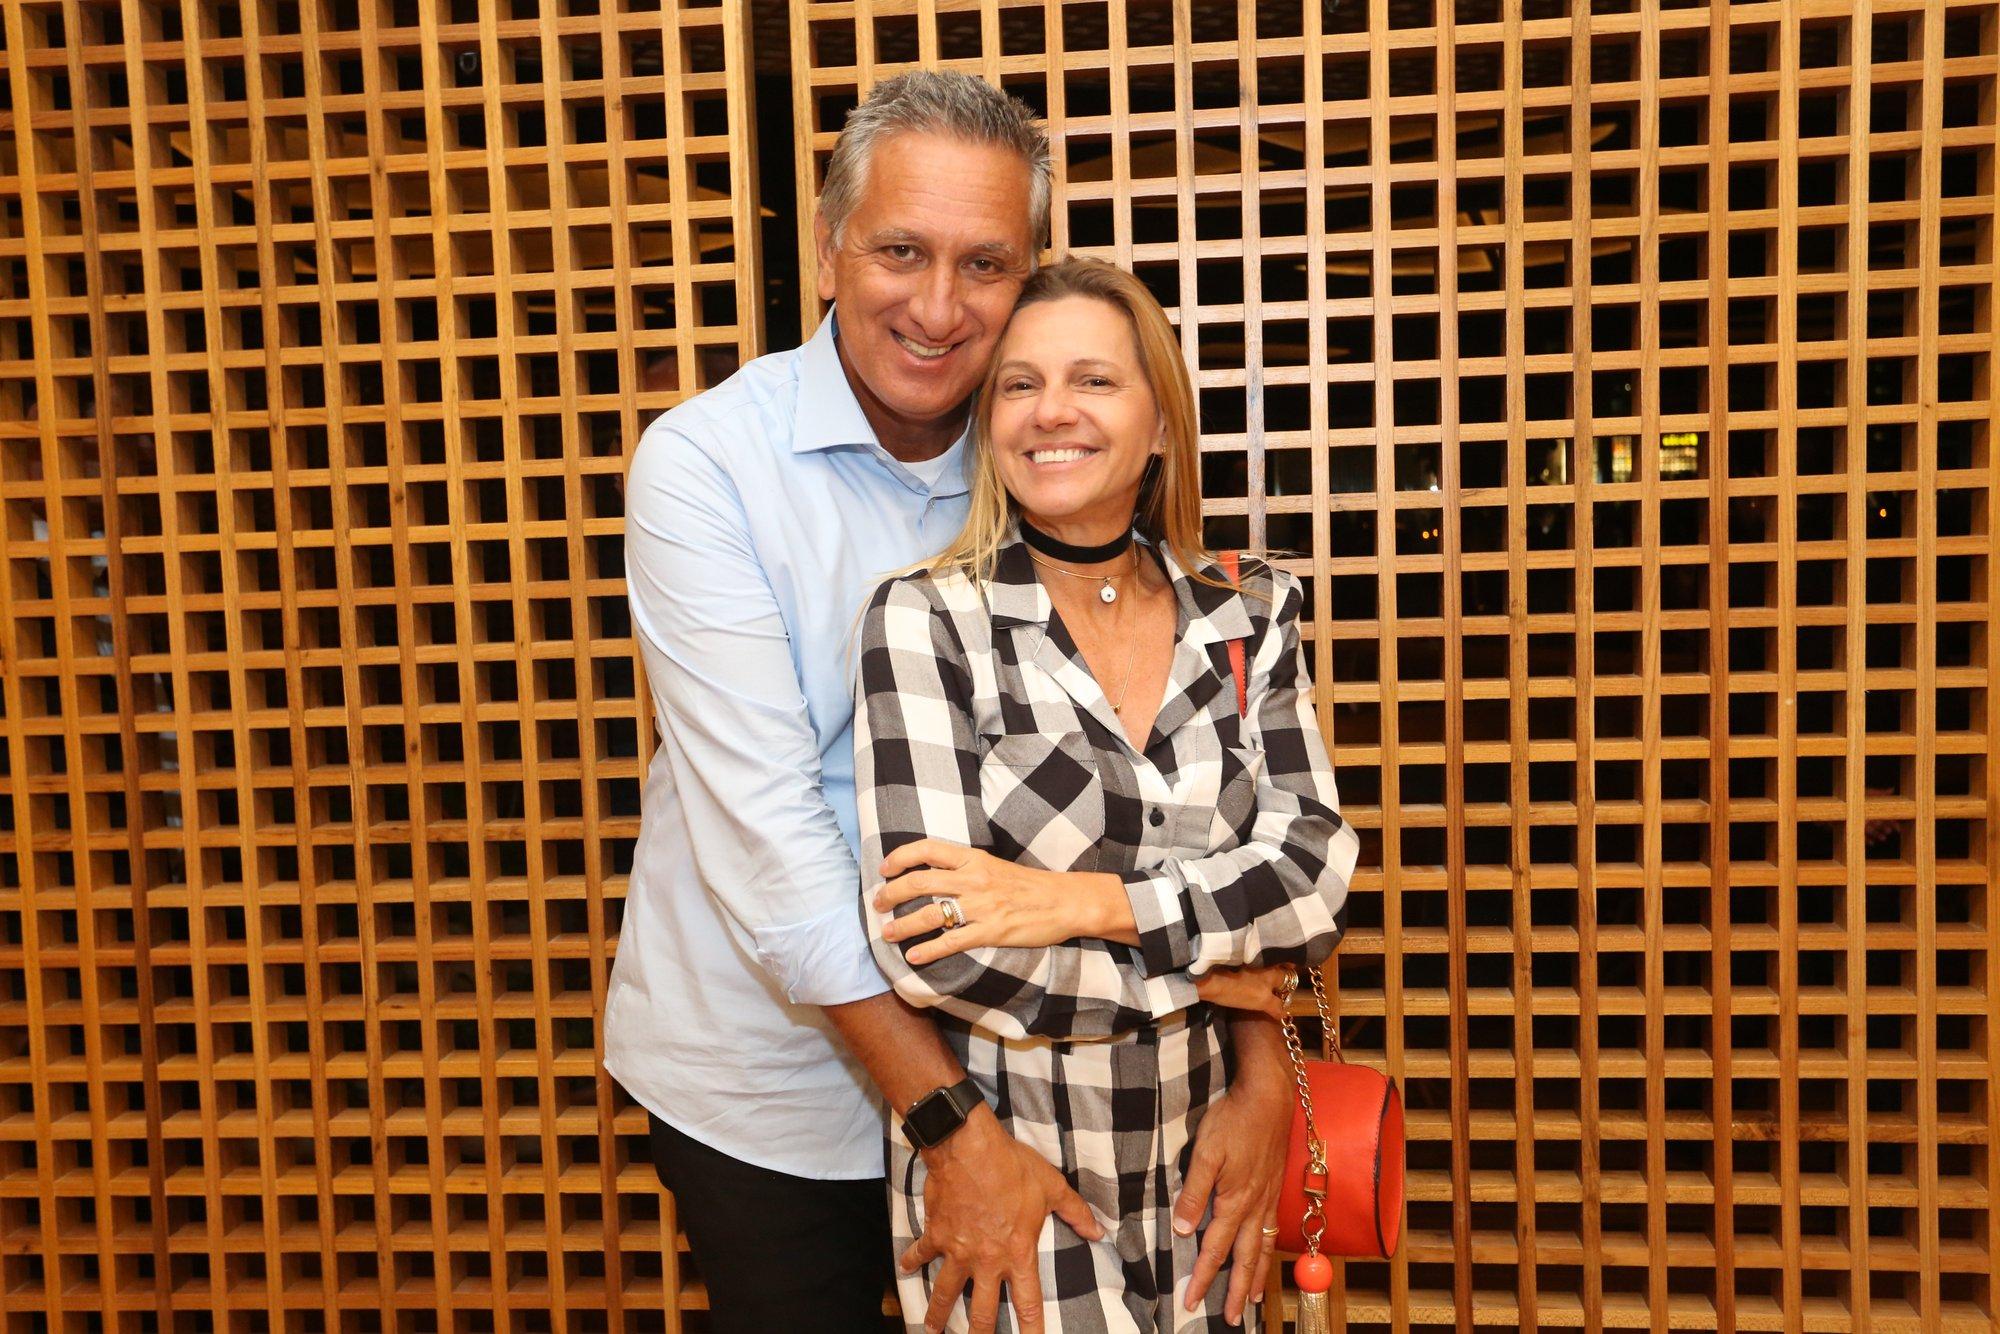 Marcus ViniciusFreire e Claudia 4788